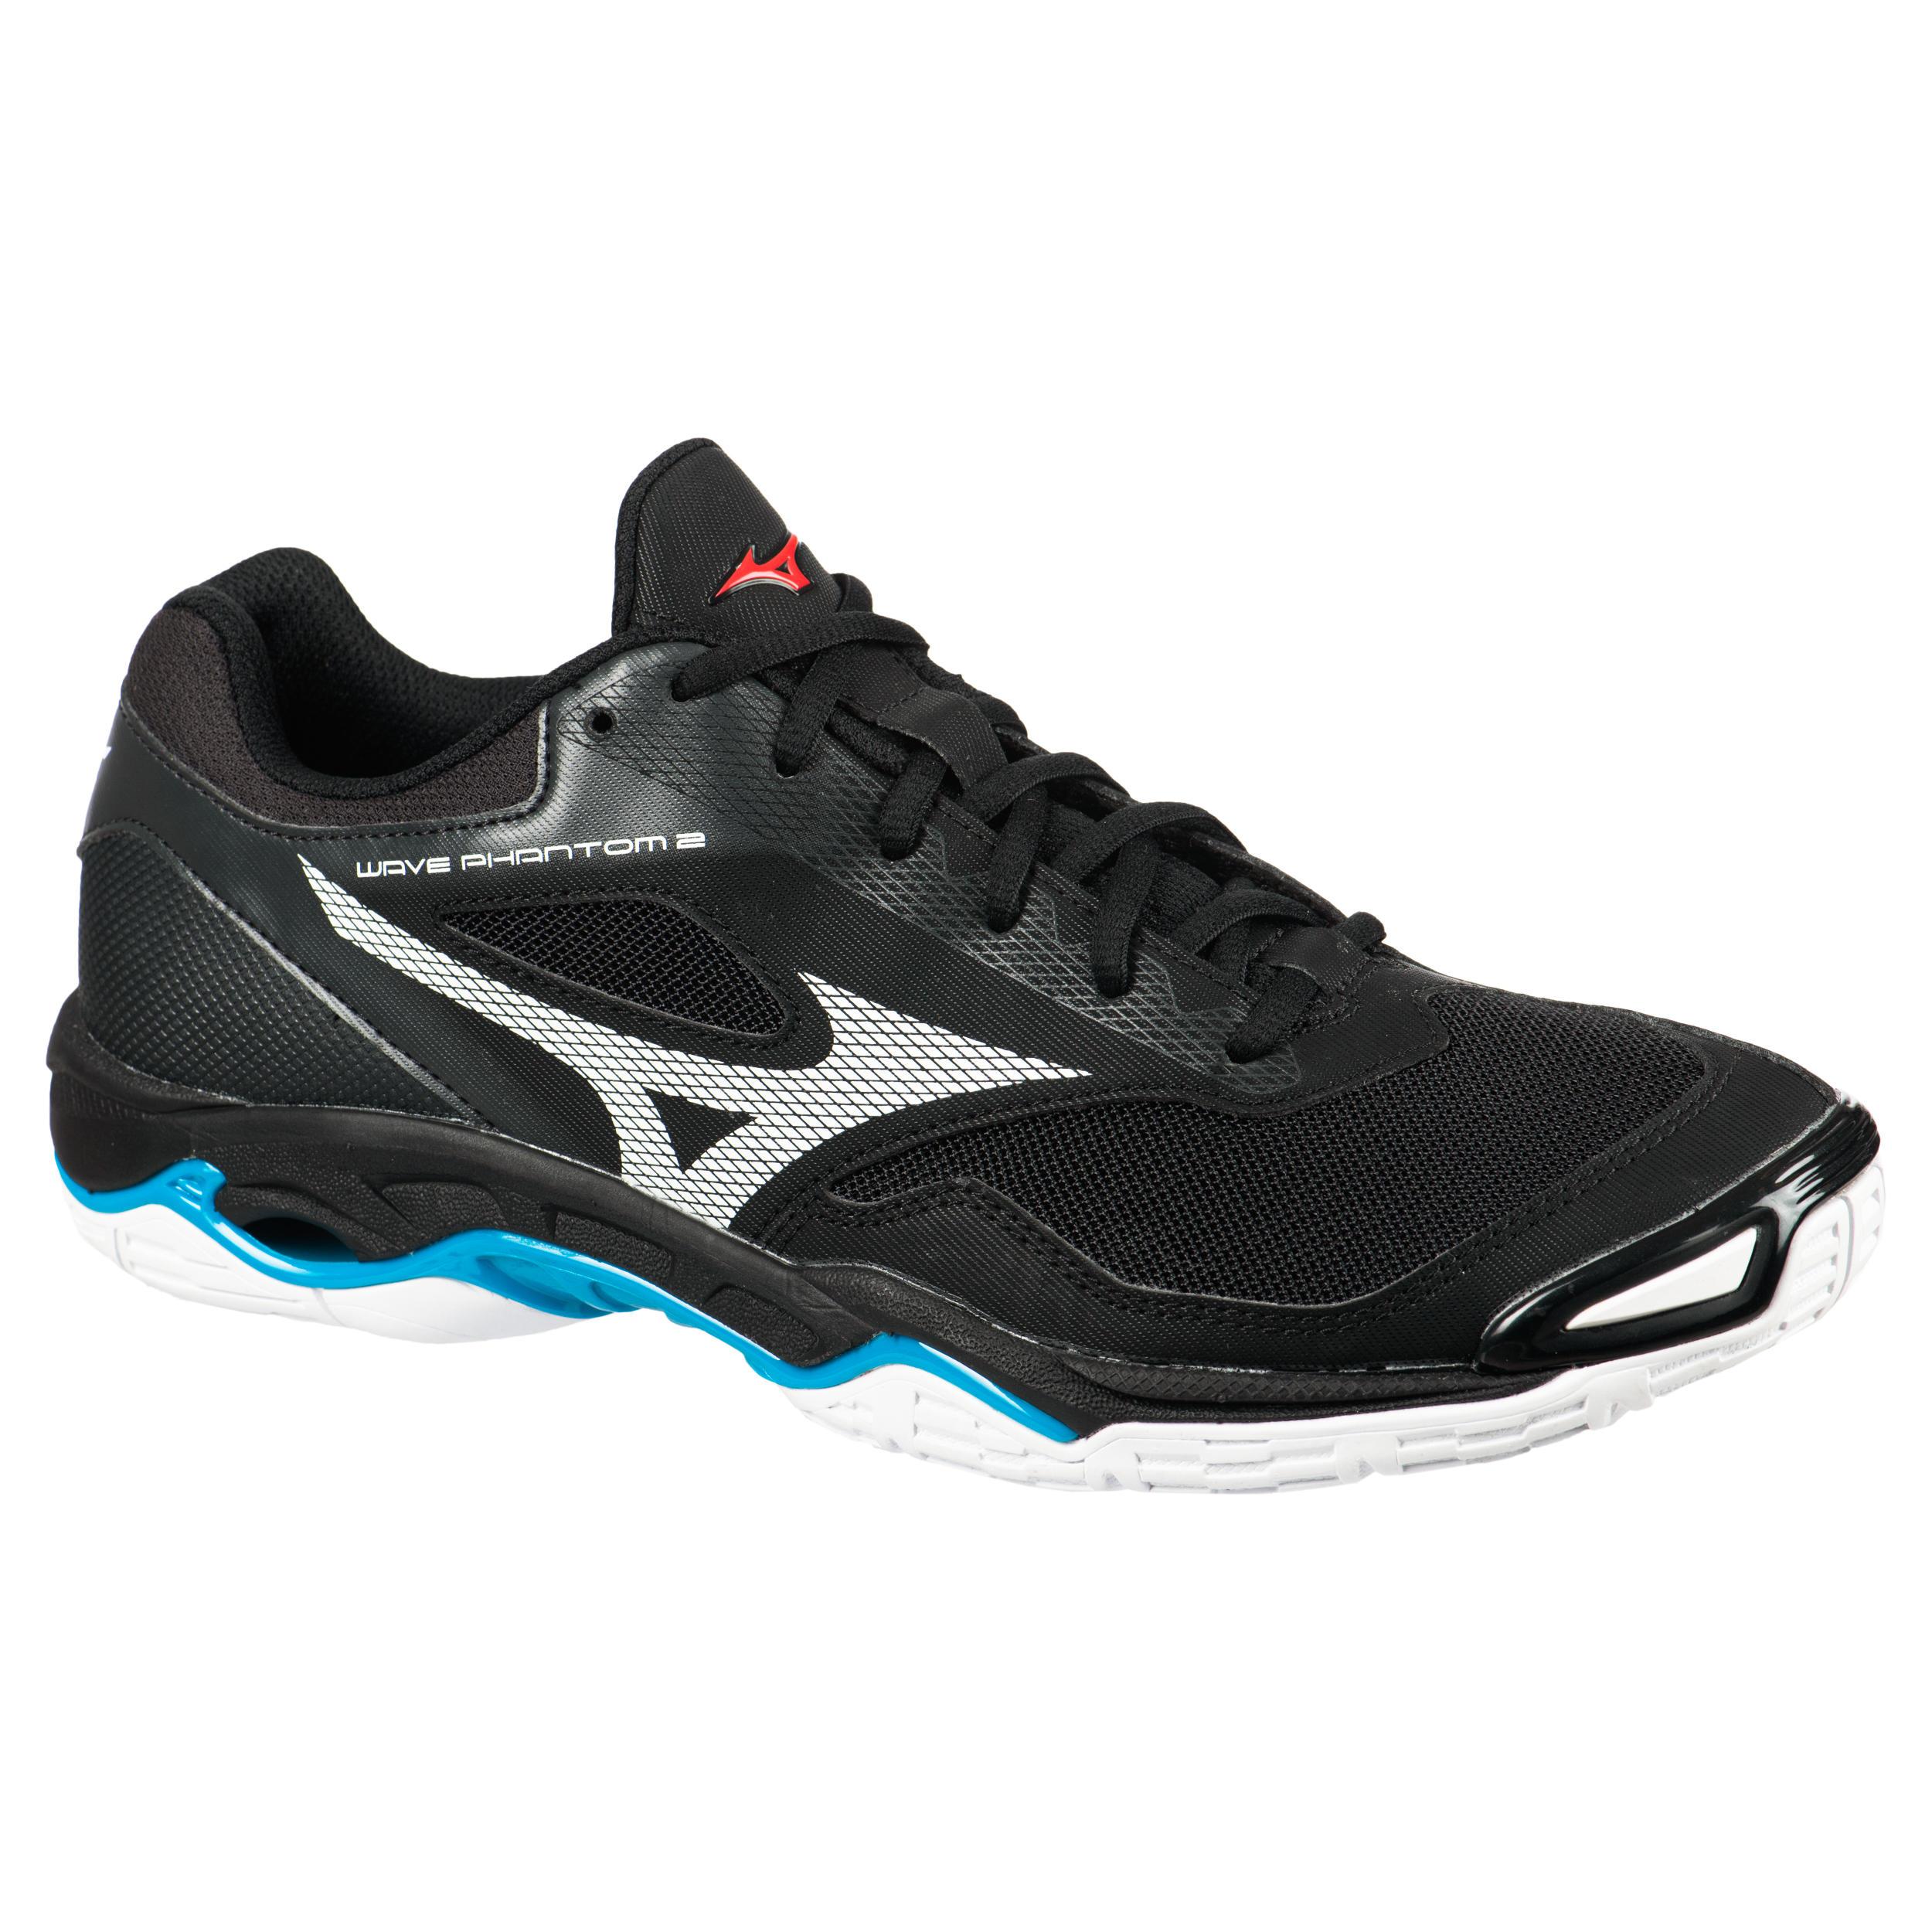 Handballschuhe Wave Phantom 2 Herren schwarz/weiss | Schuhe > Sportschuhe > Handballschuhe | Mizuno